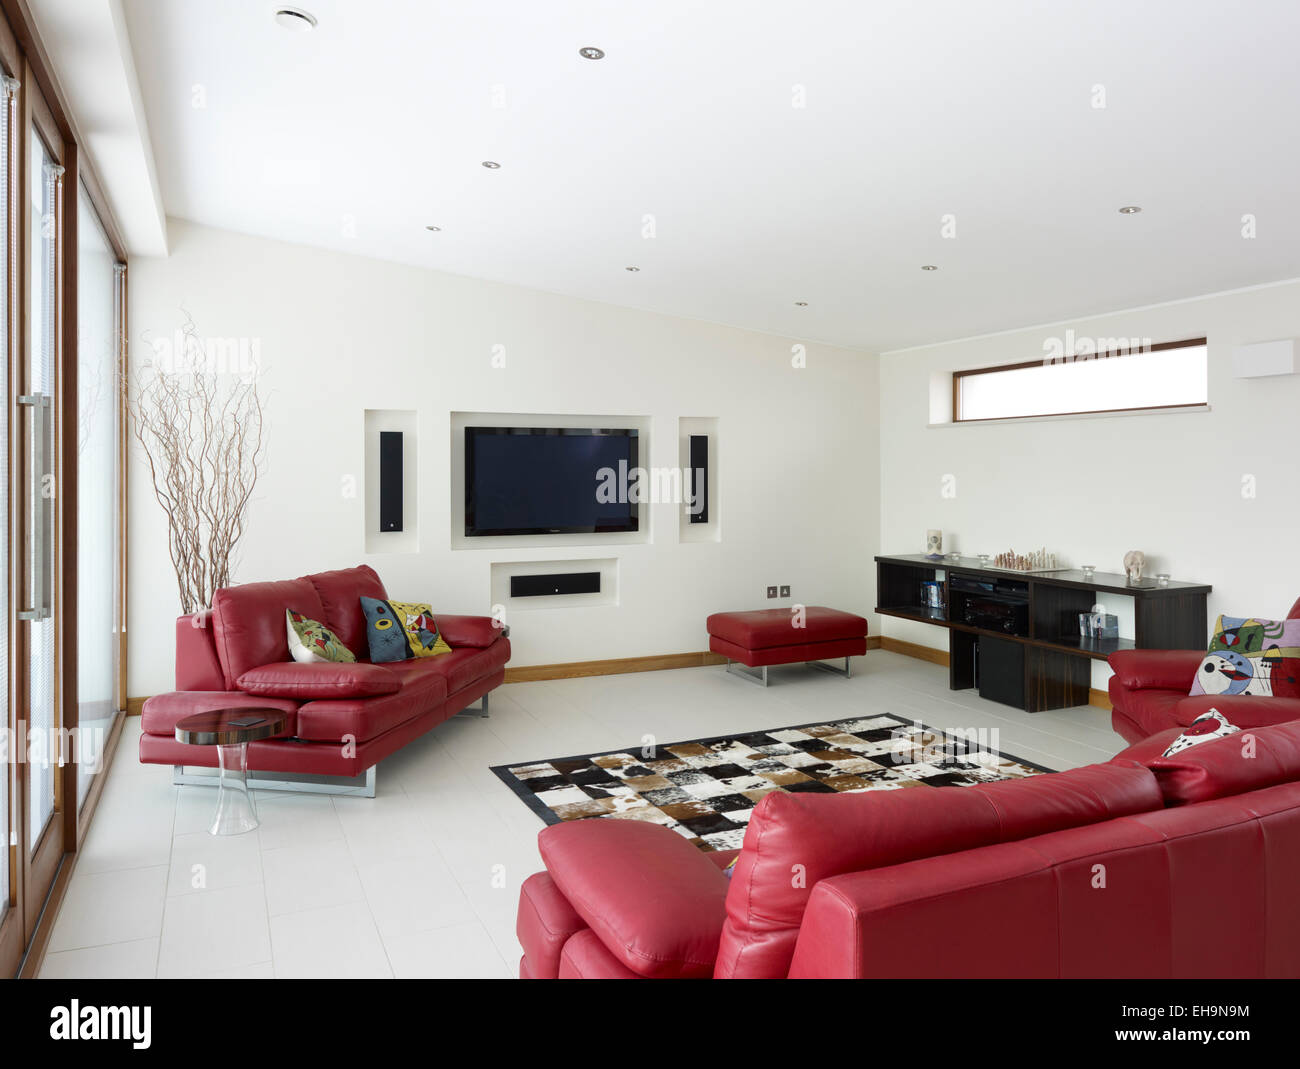 Salon moderne avec des canapés en cuir rouge et construit dans le ...